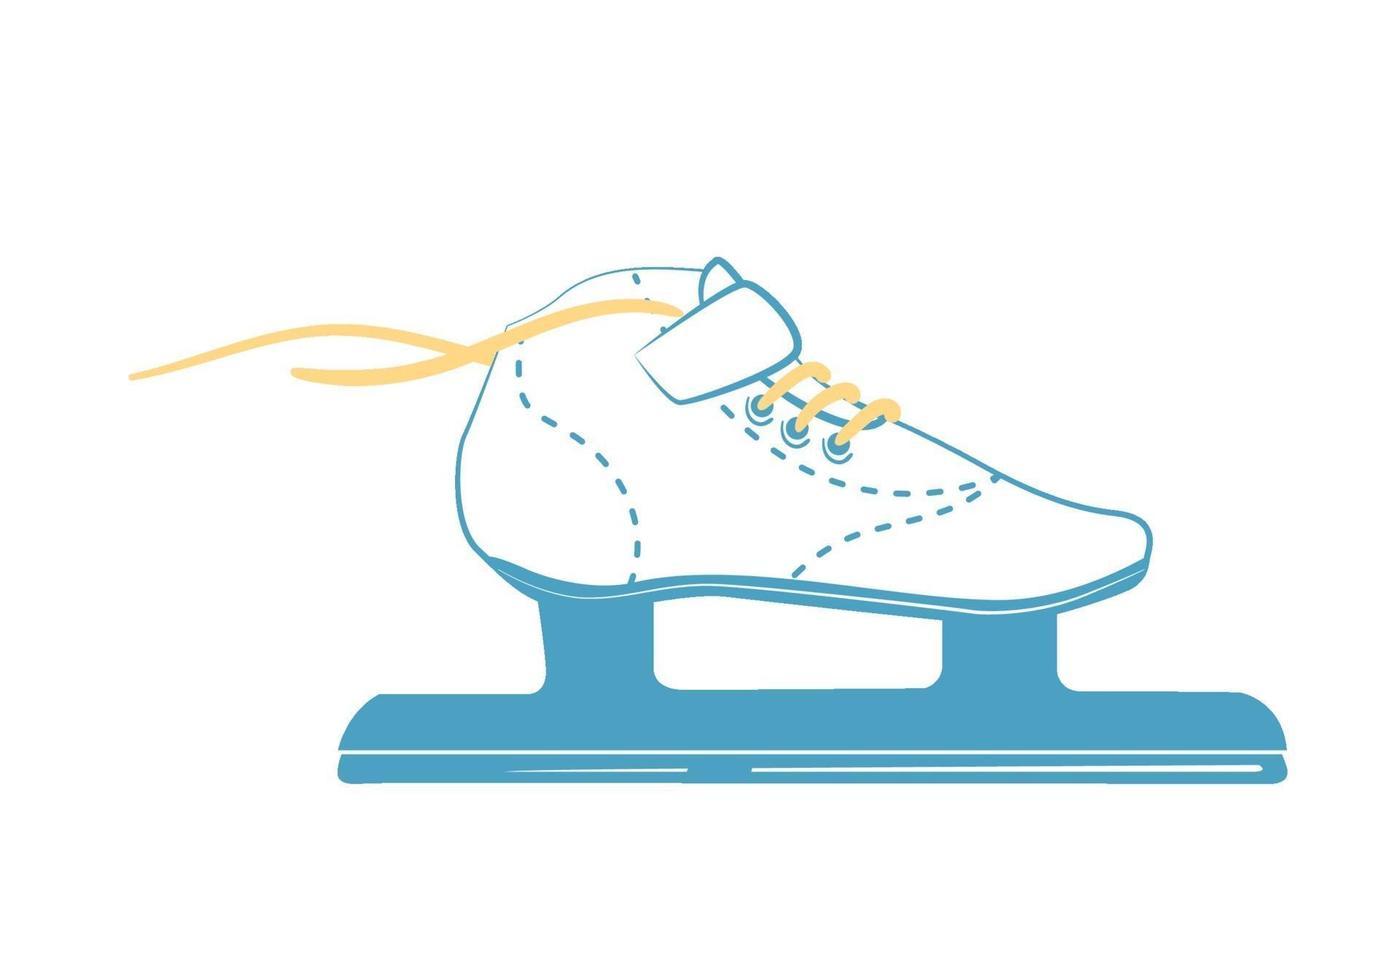 pattini da corsa sul ghiaccio con lacci luminosi. scarponi da pattinaggio di velocità in stile linea. logo di attrezzature sportive. vista laterale. illustrazione vettoriale isolato su sfondo bianco.